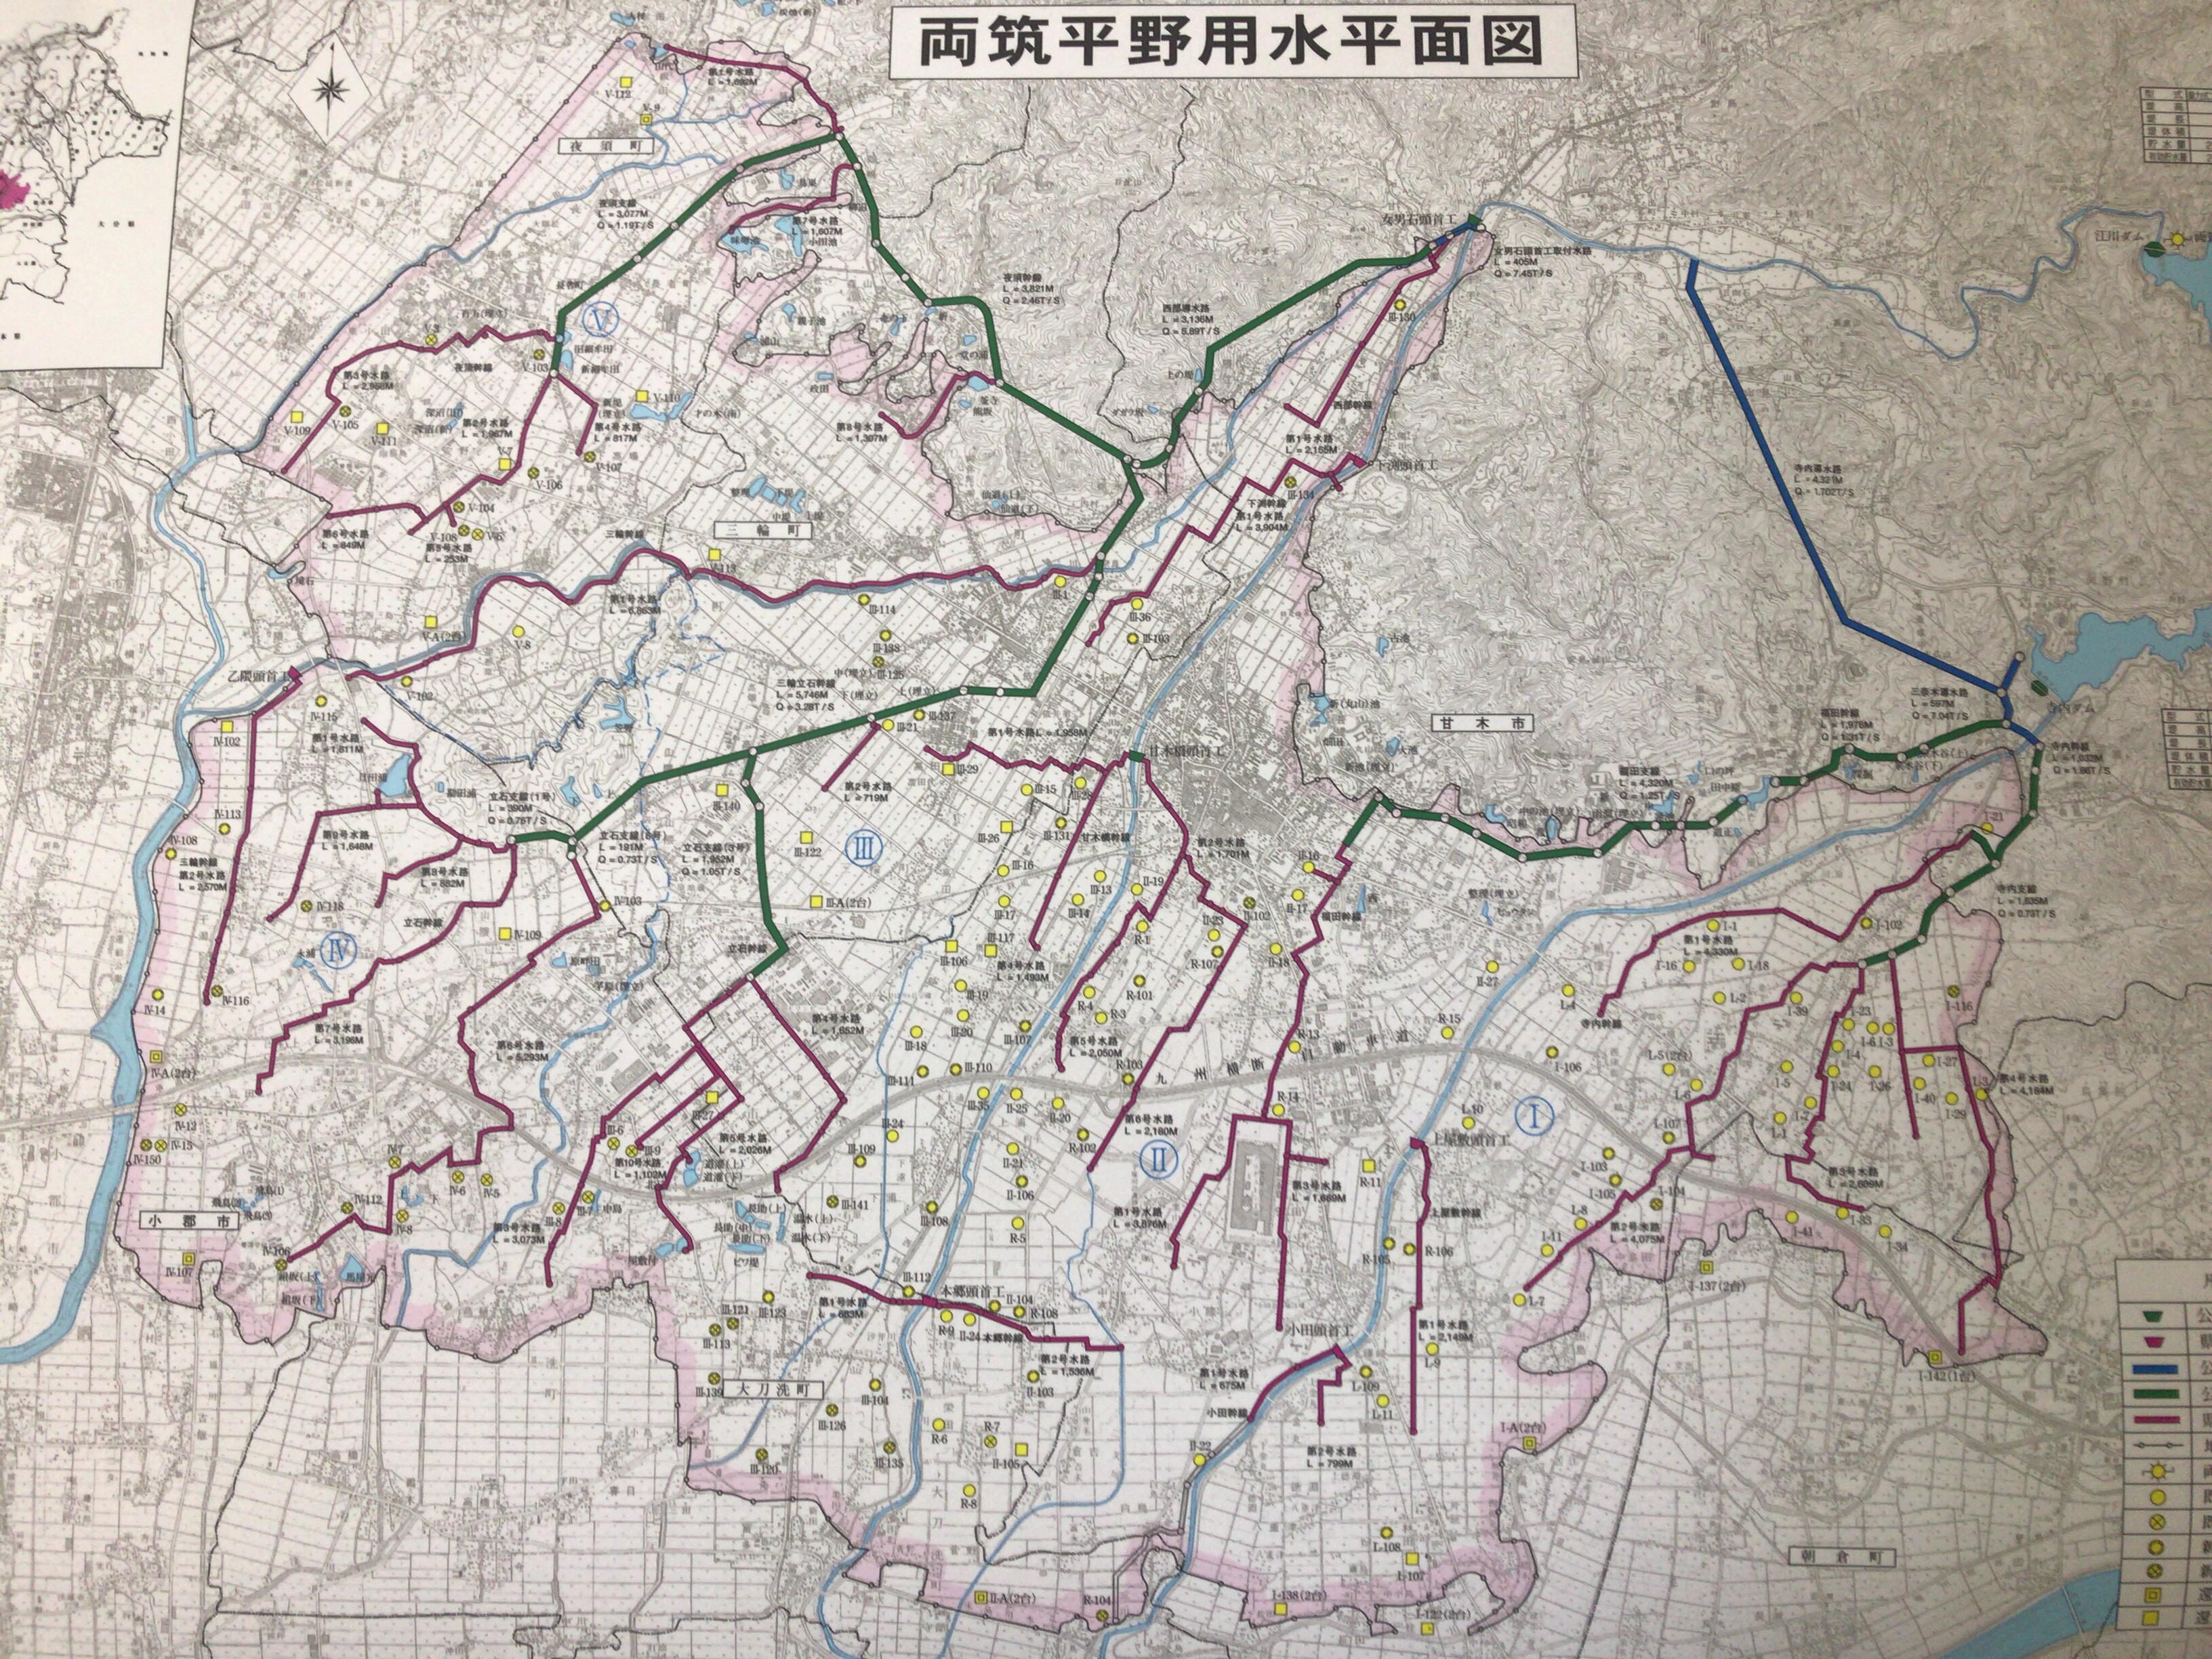 朝倉市 土地改良区